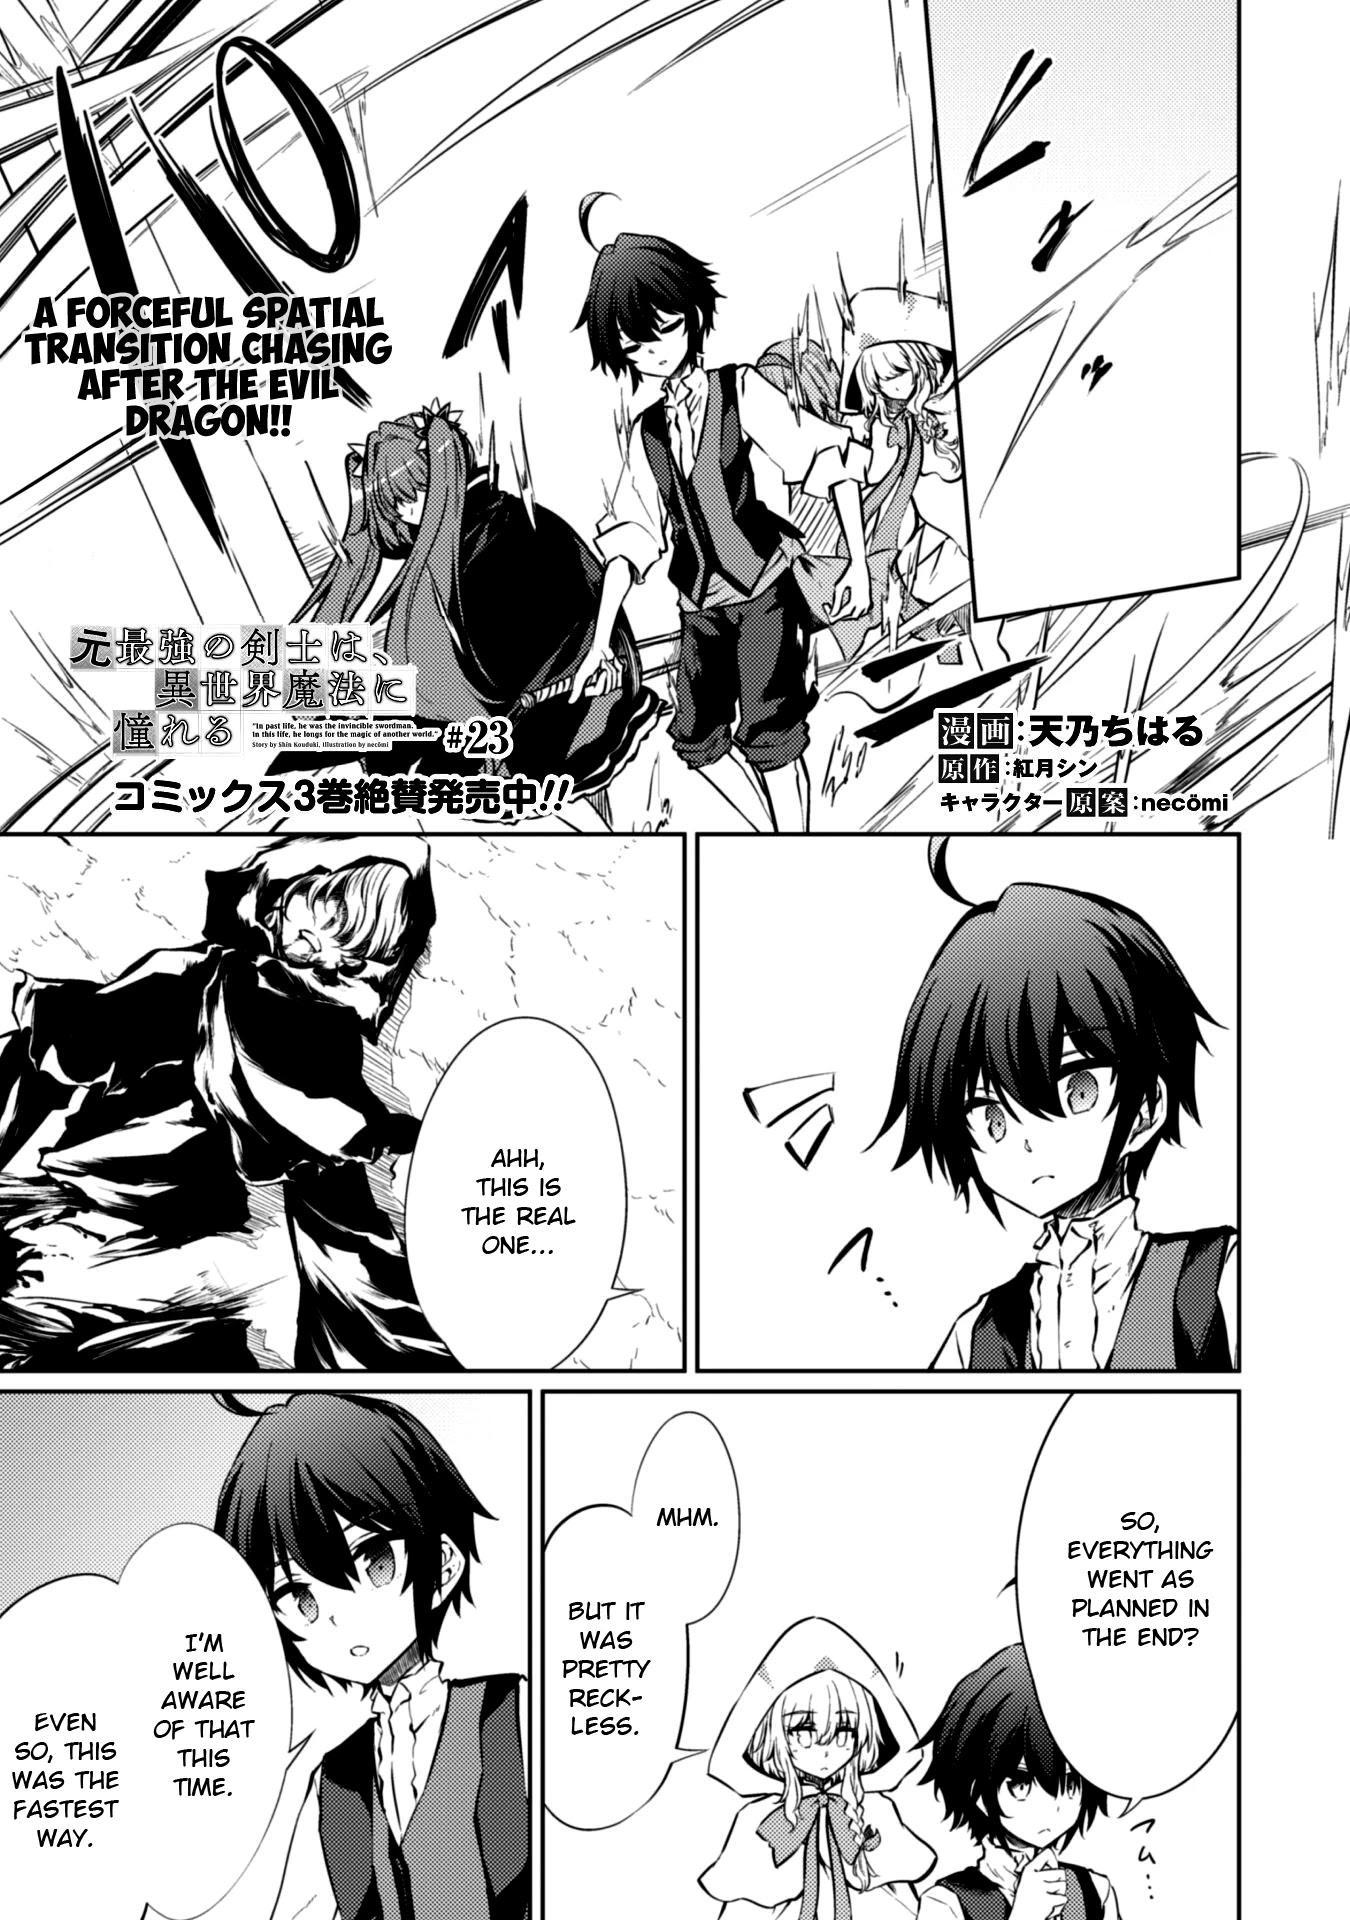 Moto Saikyou No Kenshi Wa, Isekai Mahou Ni Akogareru Chapter 23 page 1 - Mangakakalots.com